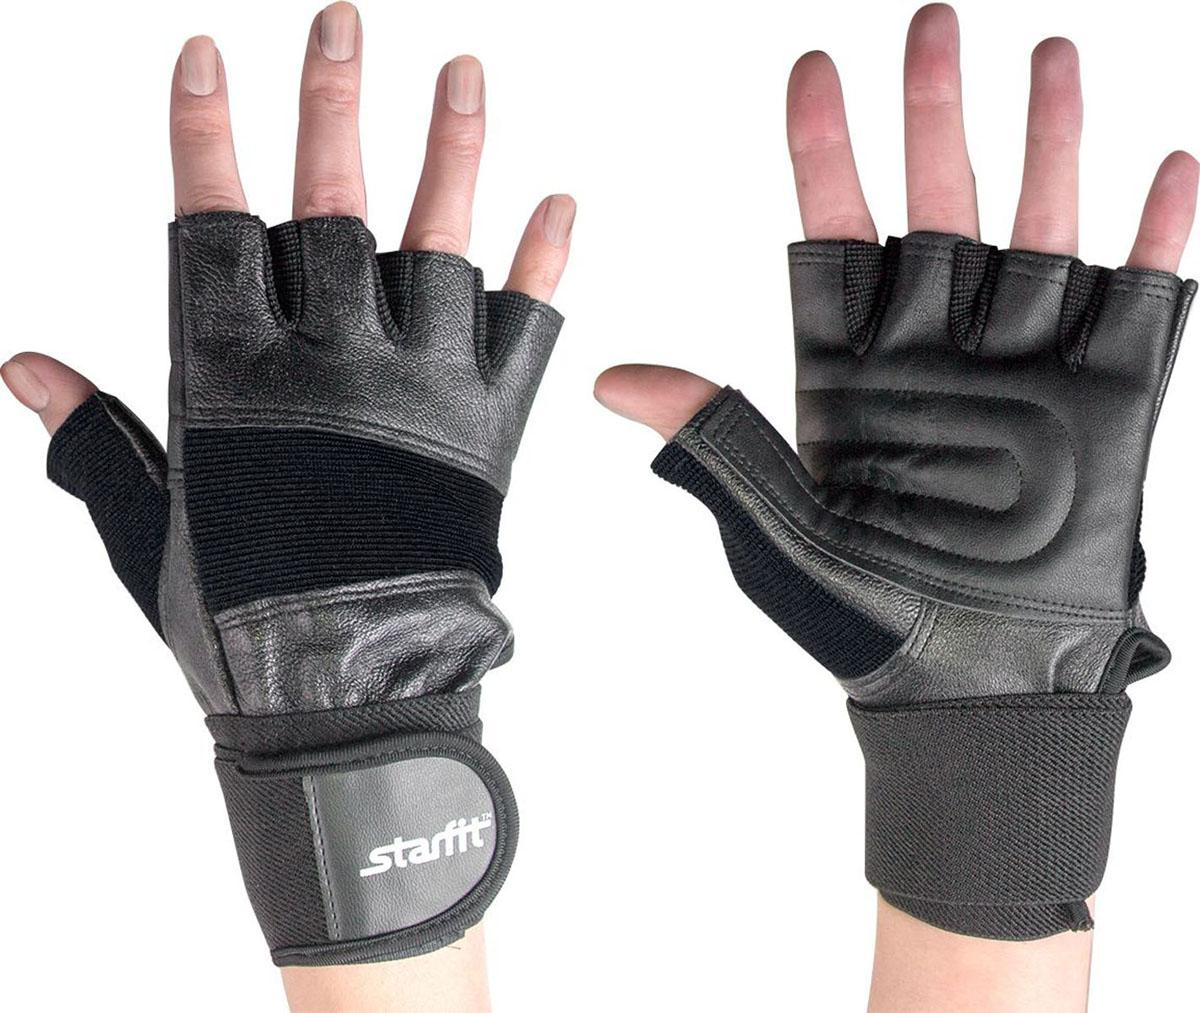 Перчатки атлетические Starfit, цвет: черный. SU-125. Размер L пояс атлетический starfit su 303 6 дюймов цвет черный размер xxl page 1